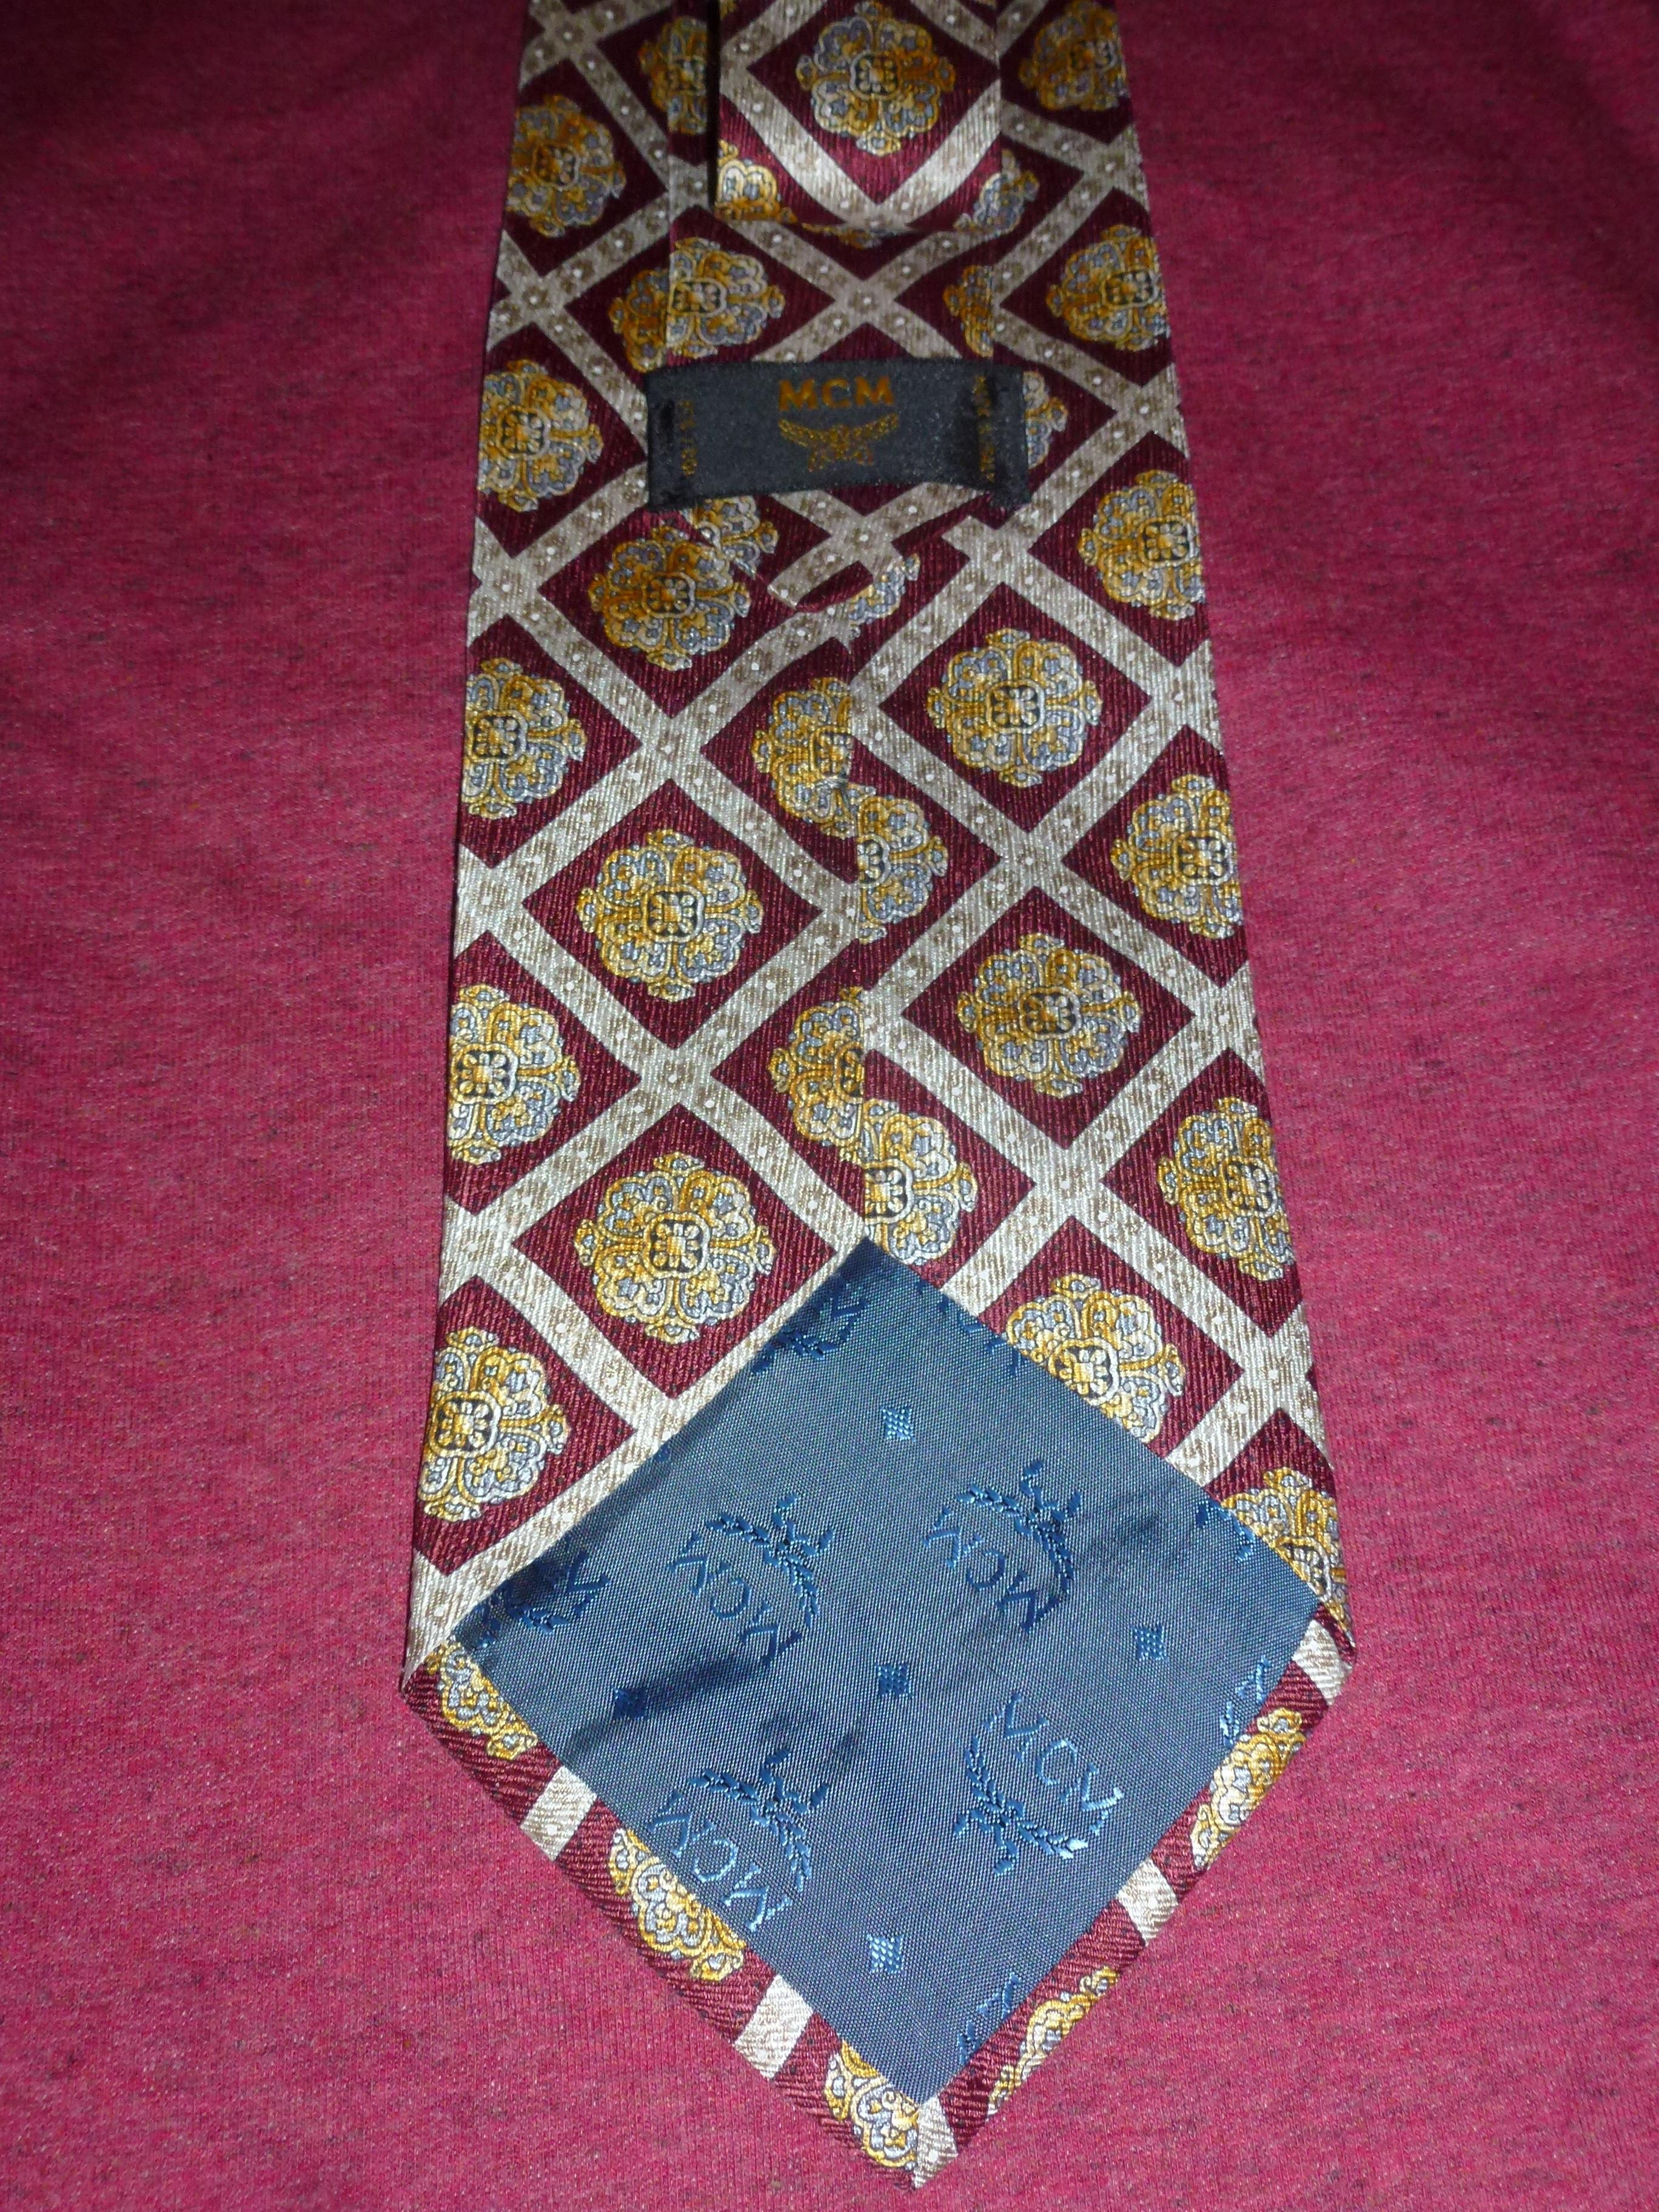 troc de troc cravate mcm neuve (made in italy) image 1